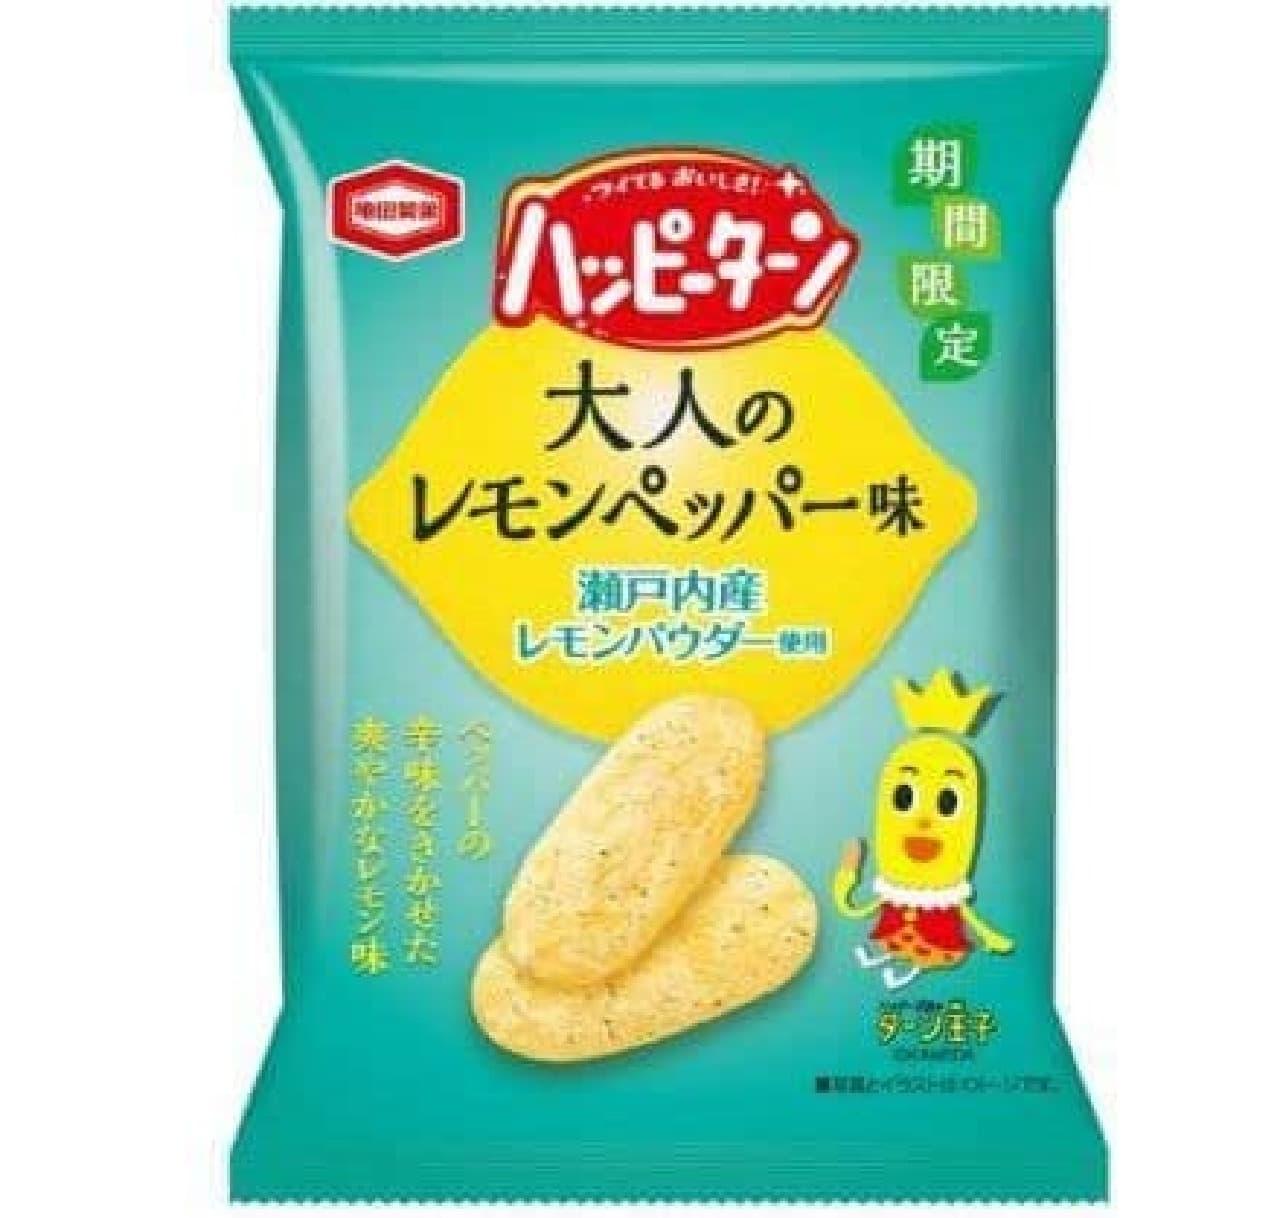 亀田製菓「32g ハッピーターン 大人のレモンペッパー味」